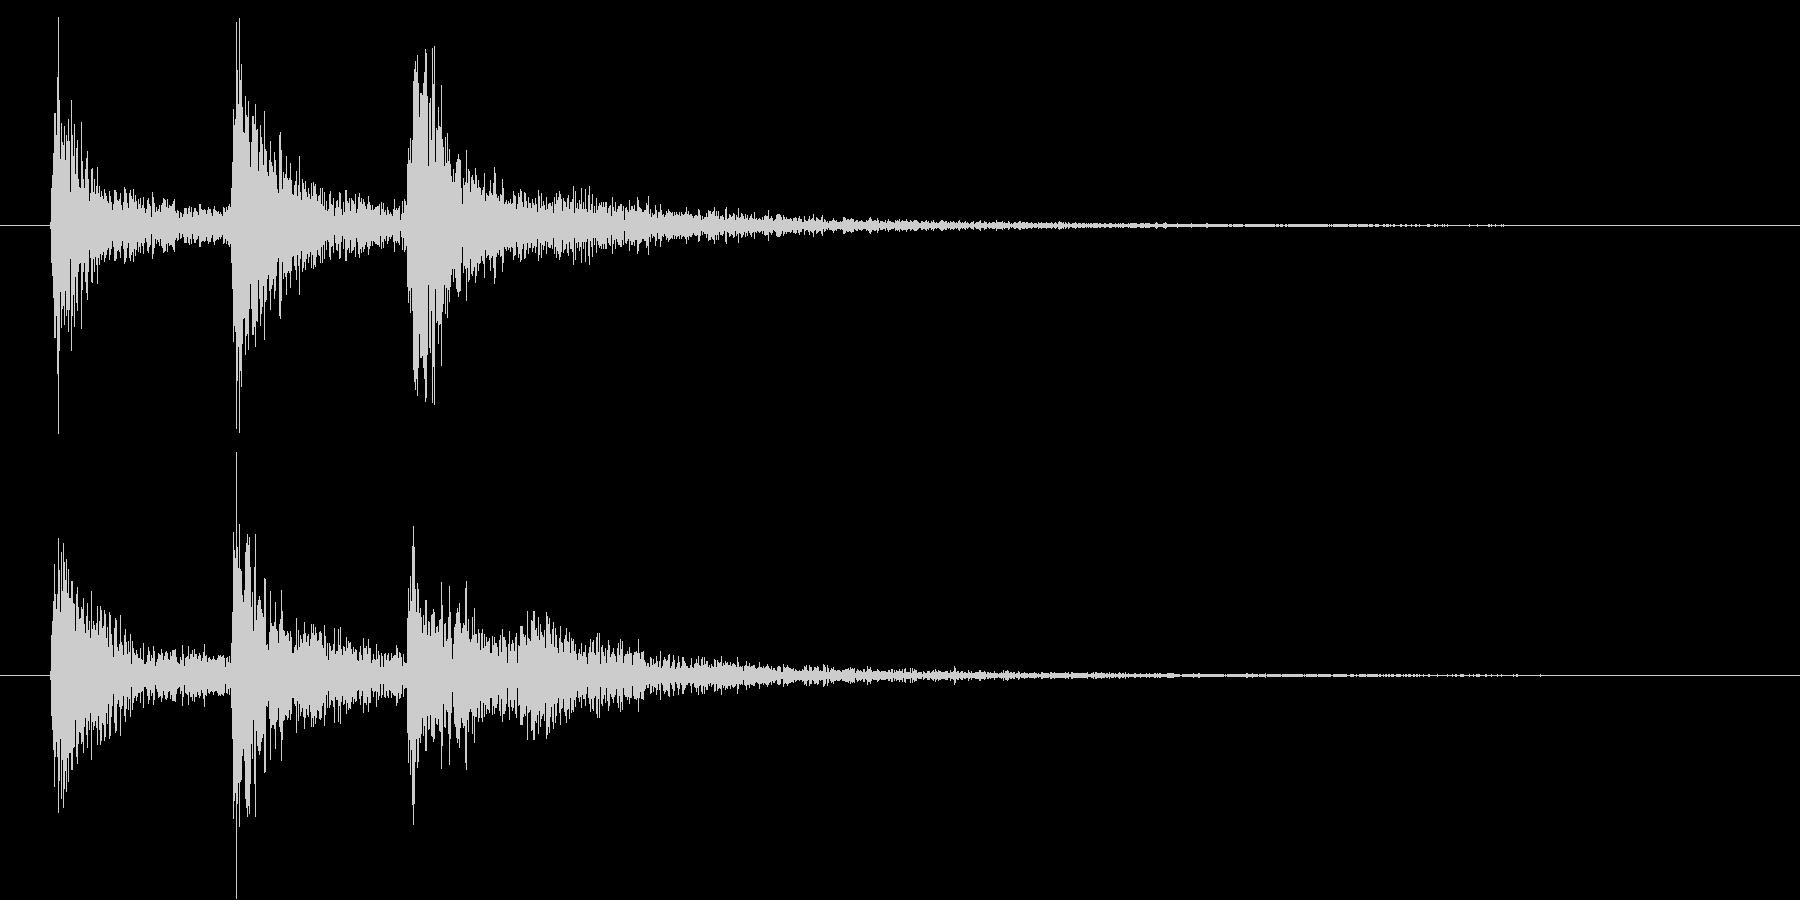 水を想起させる音で作られた短いテーマの未再生の波形